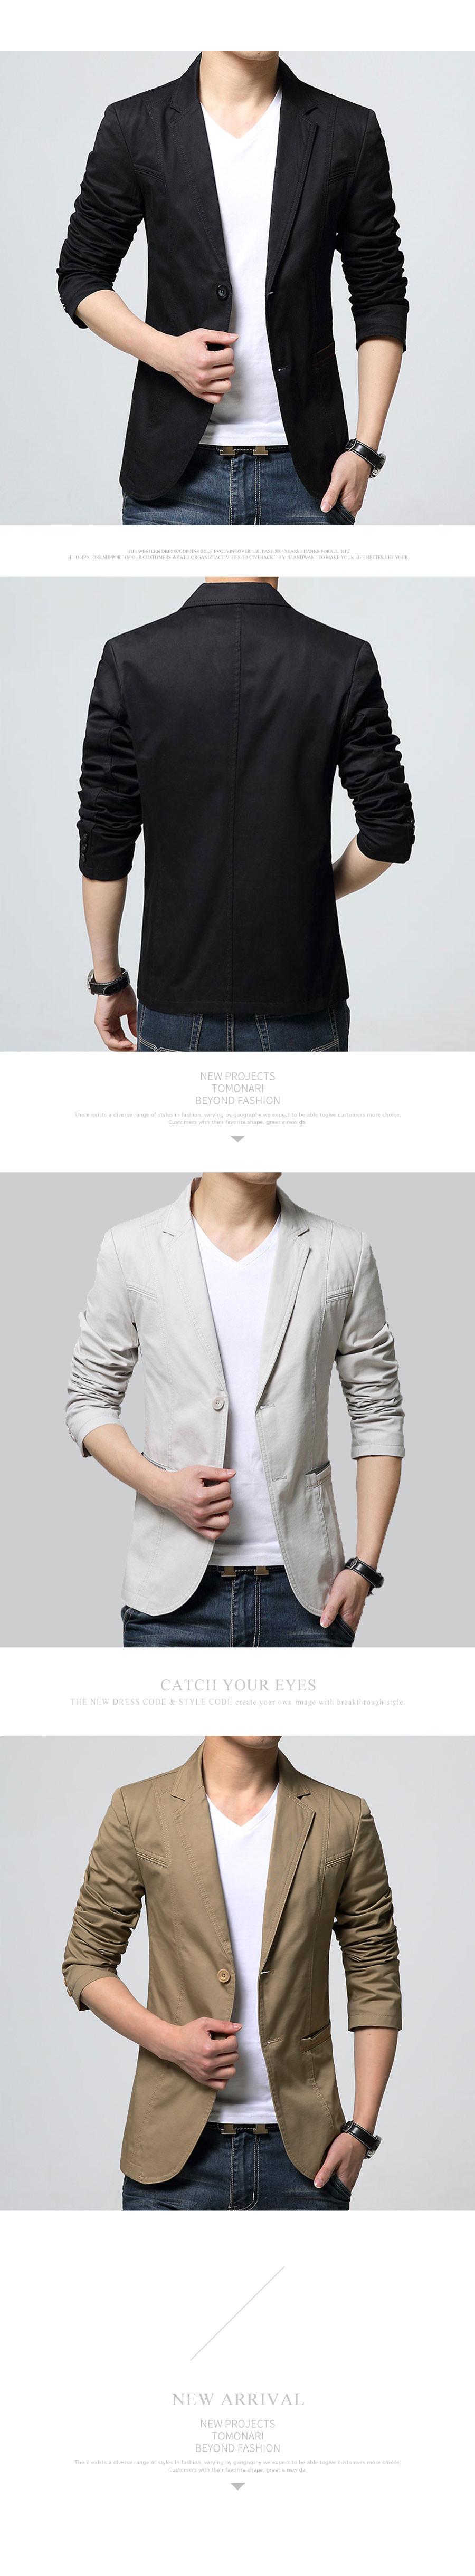 韓版修身剪裁.春夏款九分西裝外套